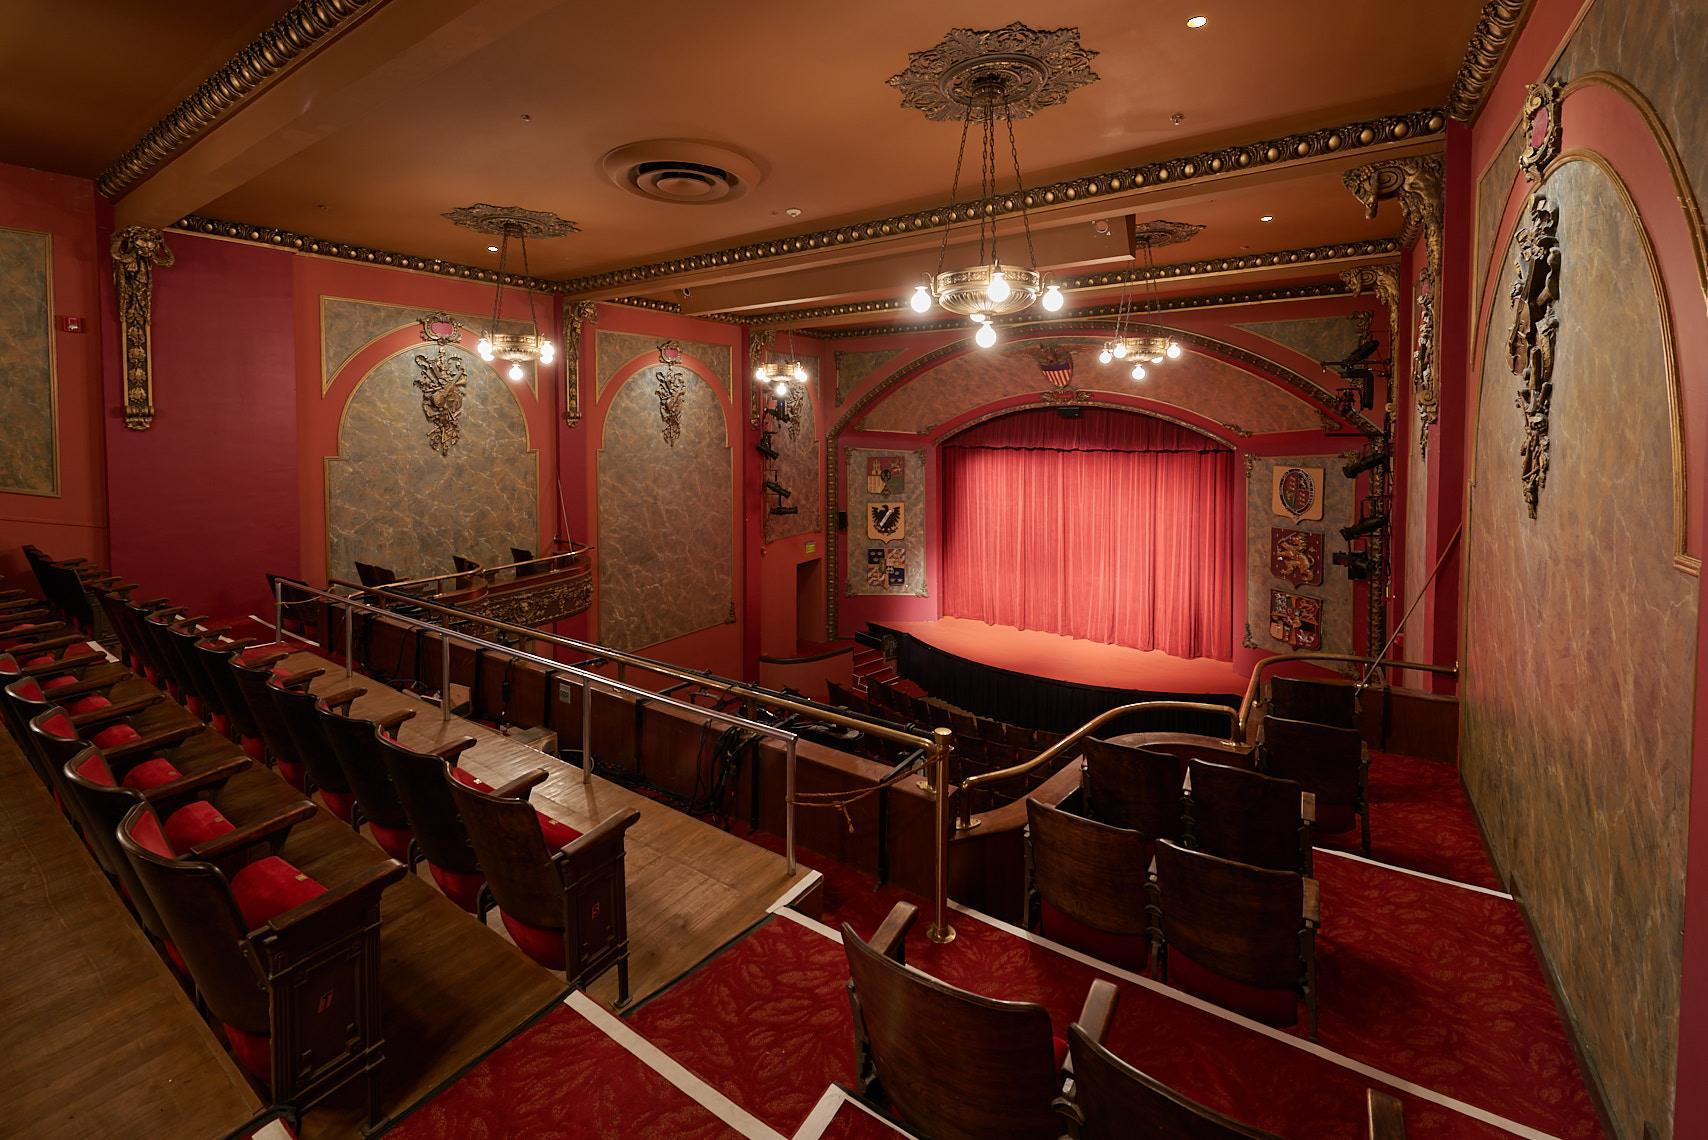 Caine Lyric Theatre